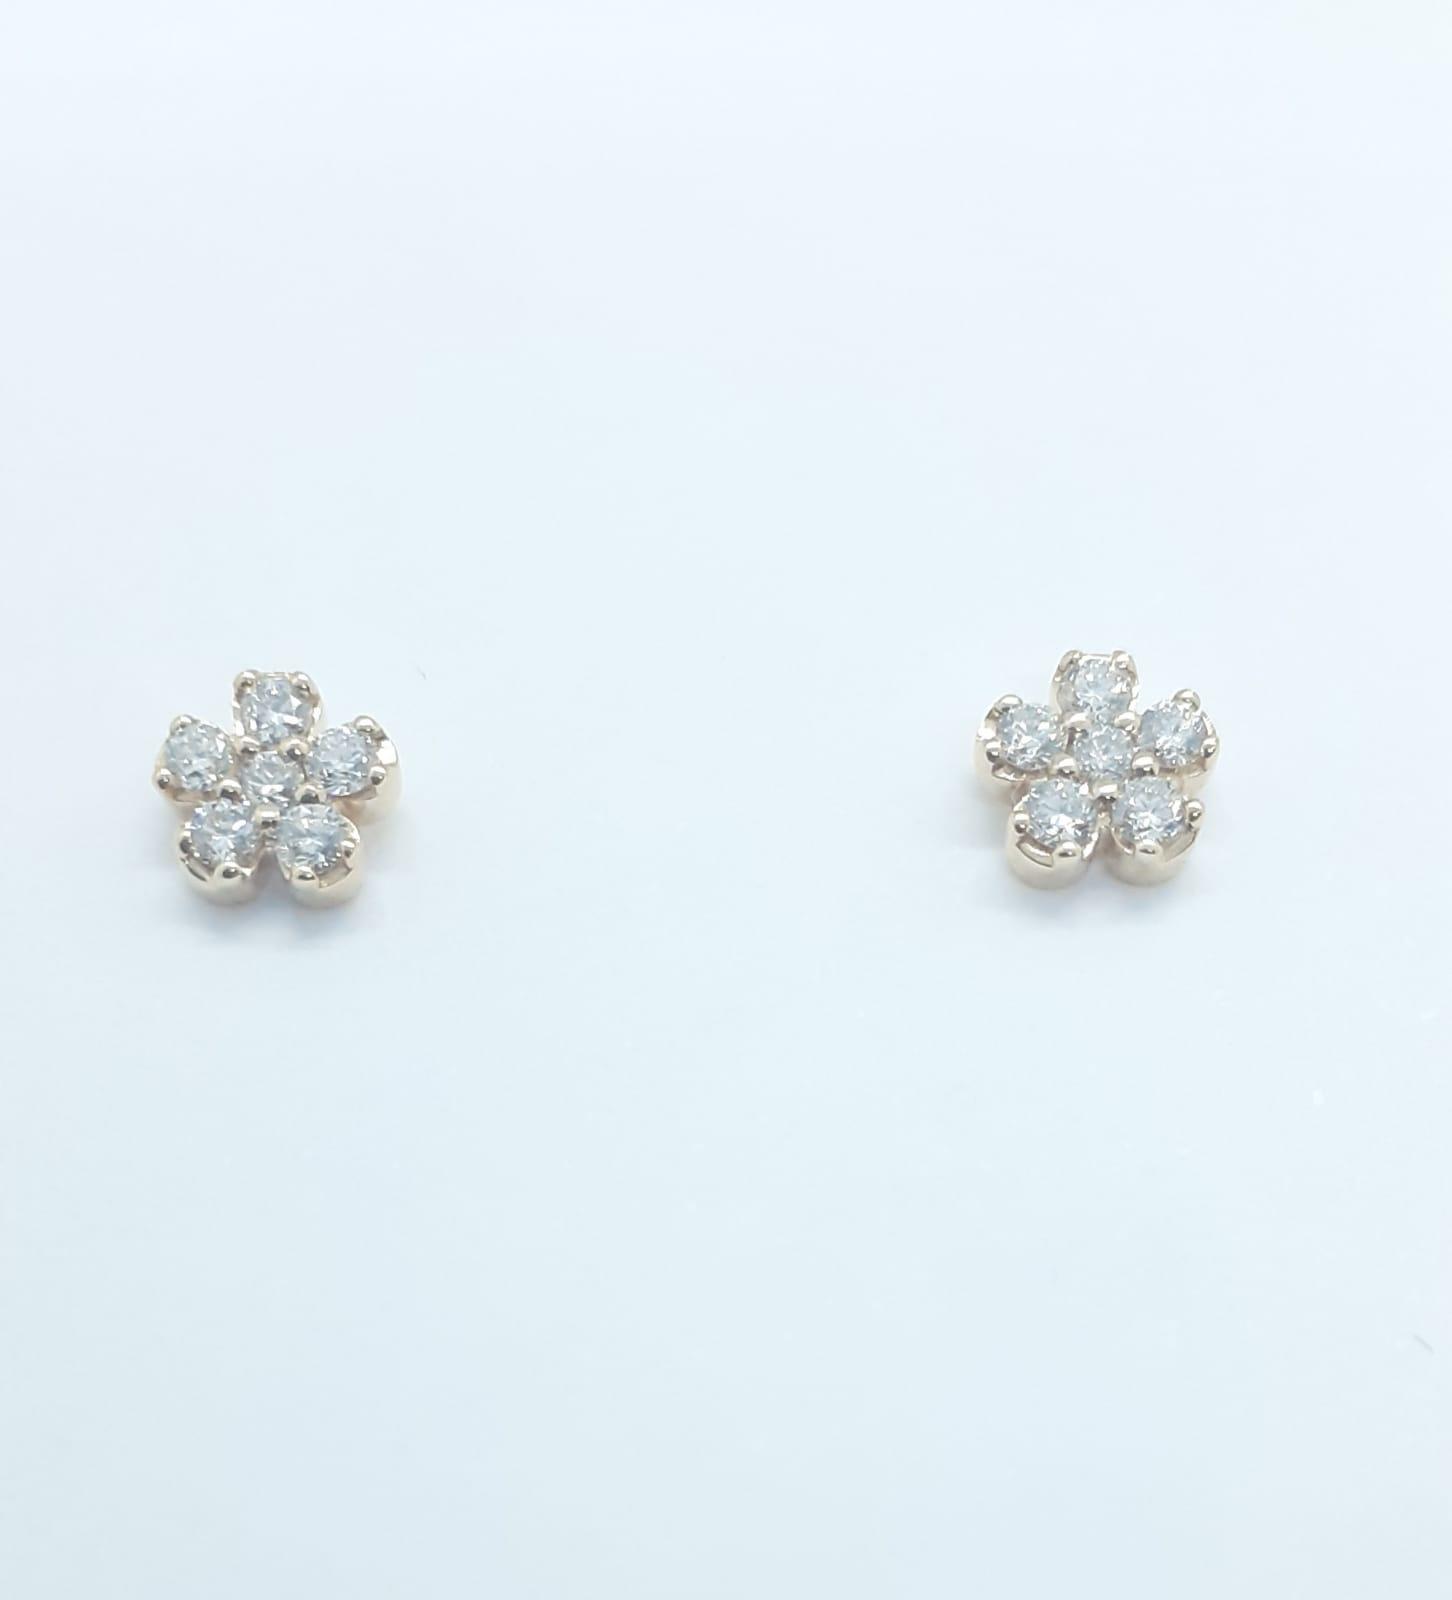 Sensi joyas alta joyería Granada plata compromiso PEDIENTES ORO ROSA 18K BRILLANTES  0,18 CTS